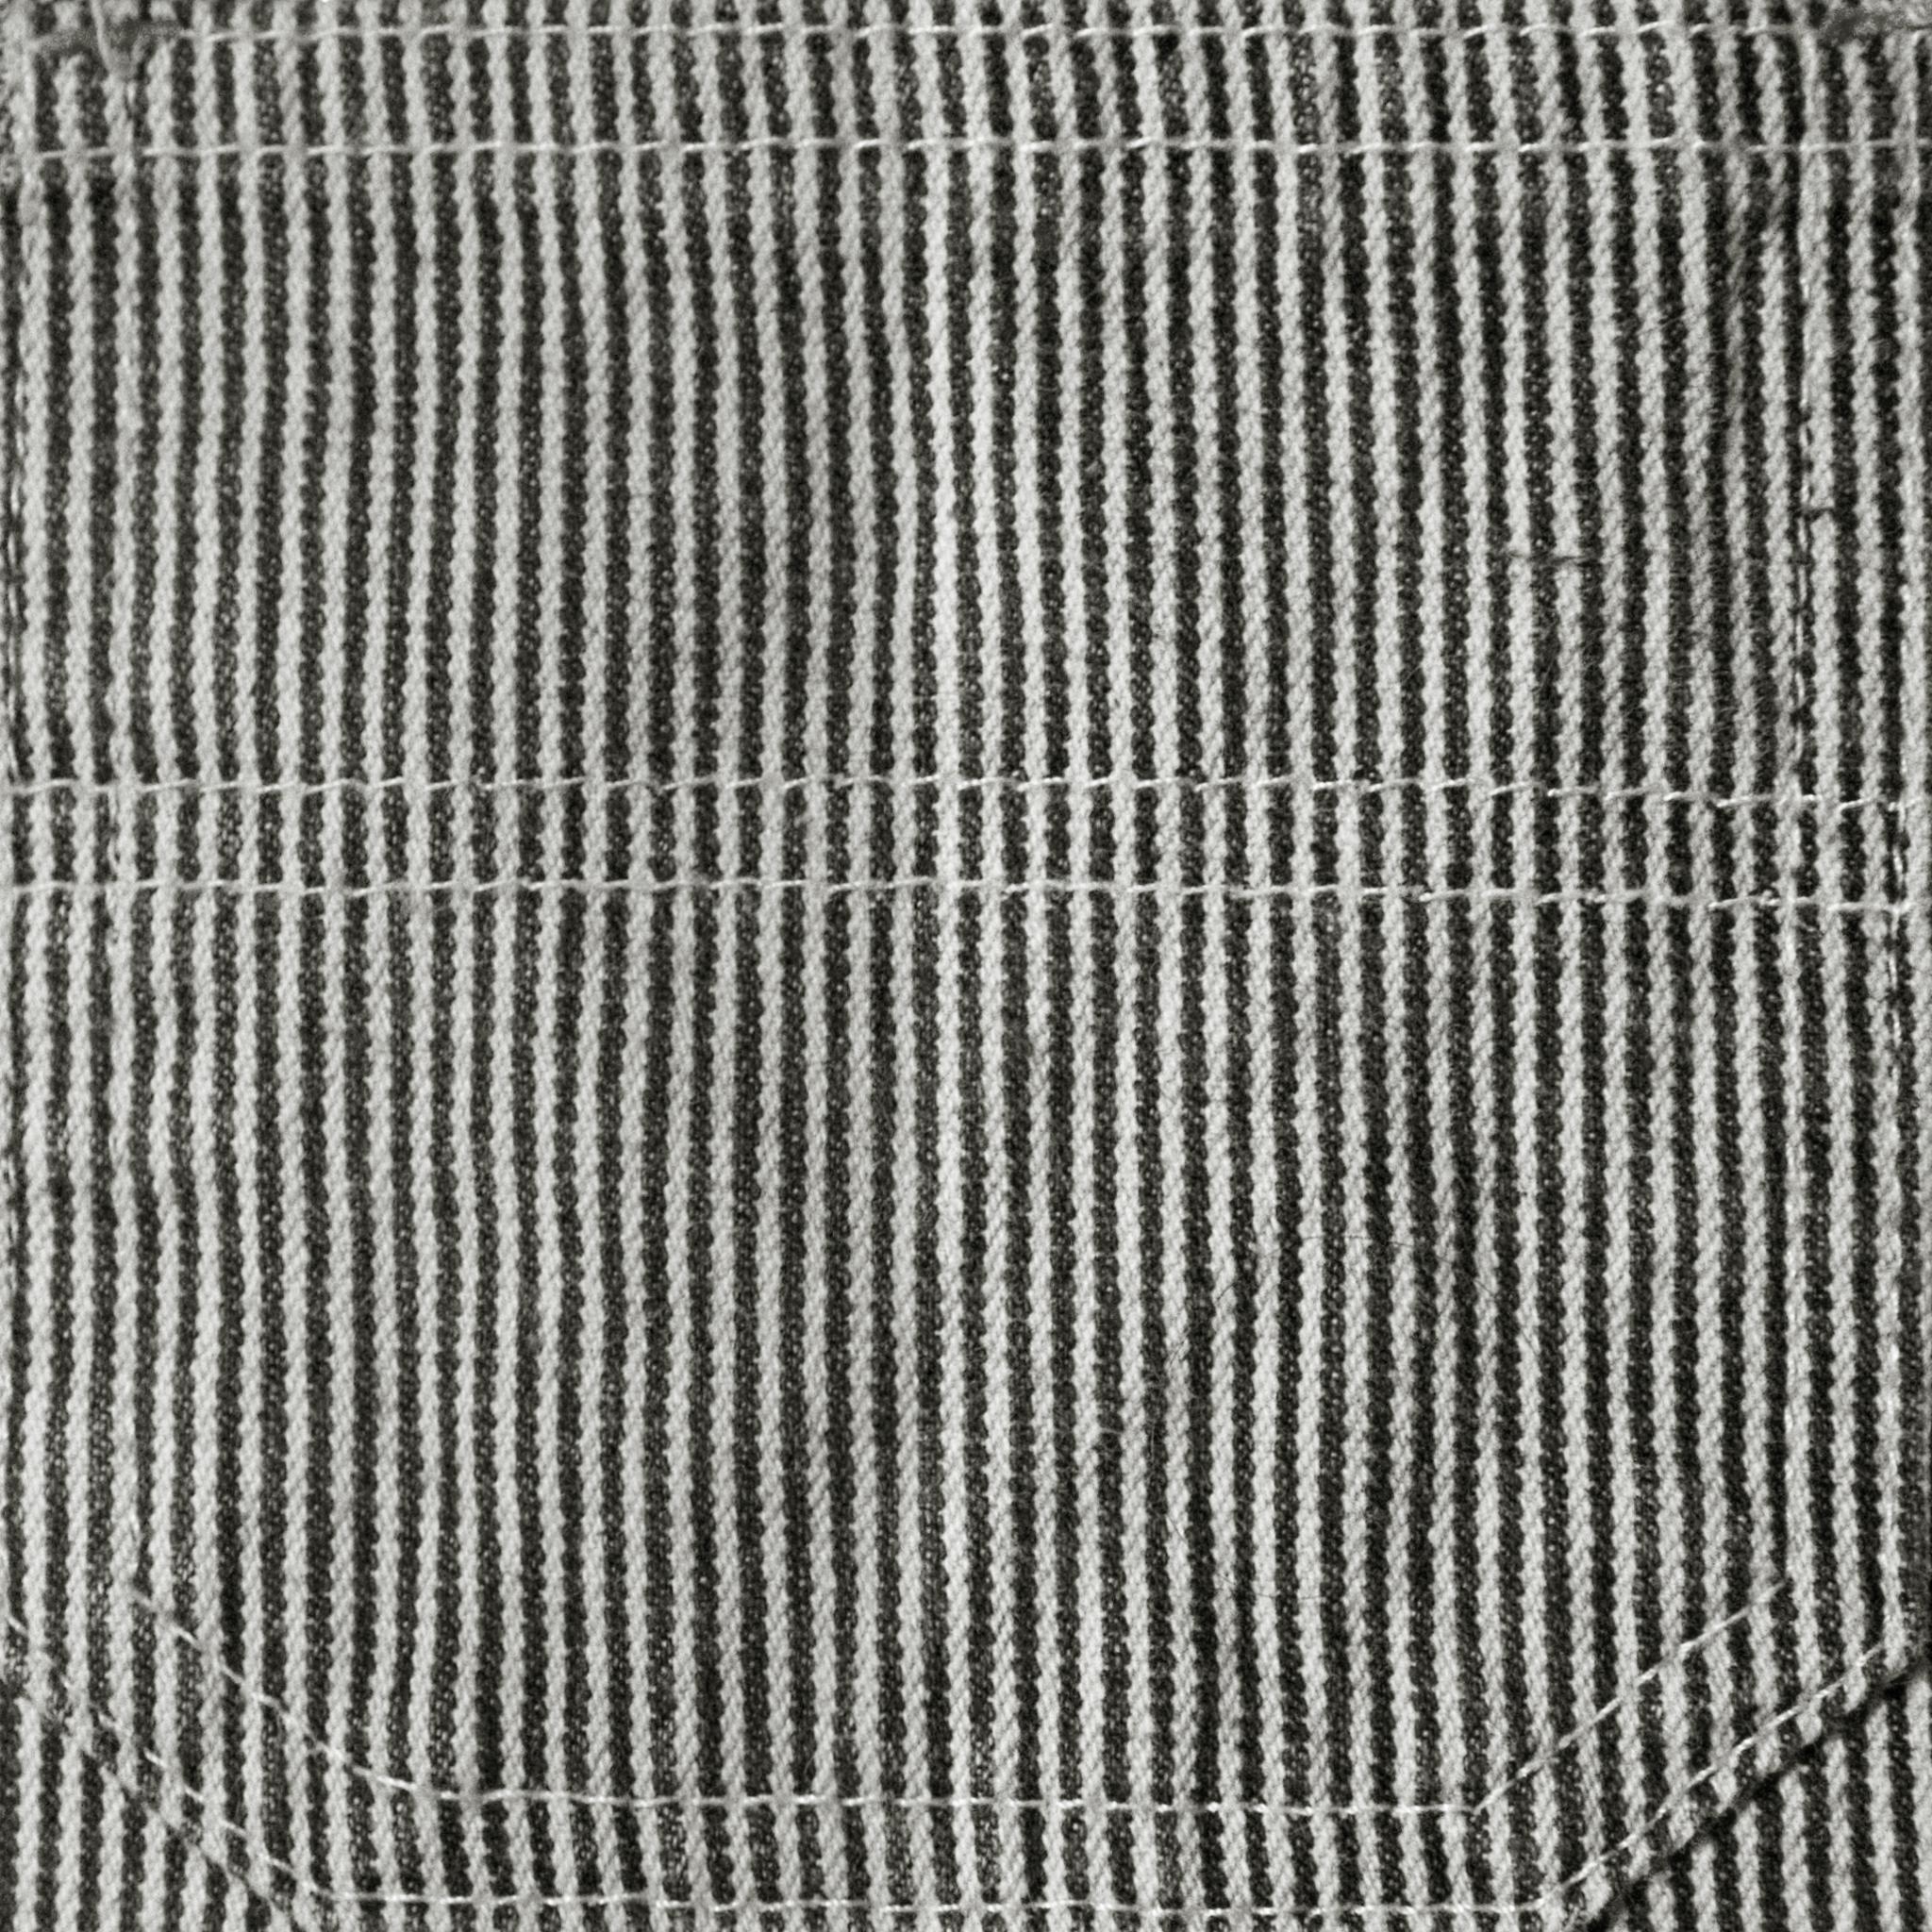 Engineer Stripe Pocket.jpg